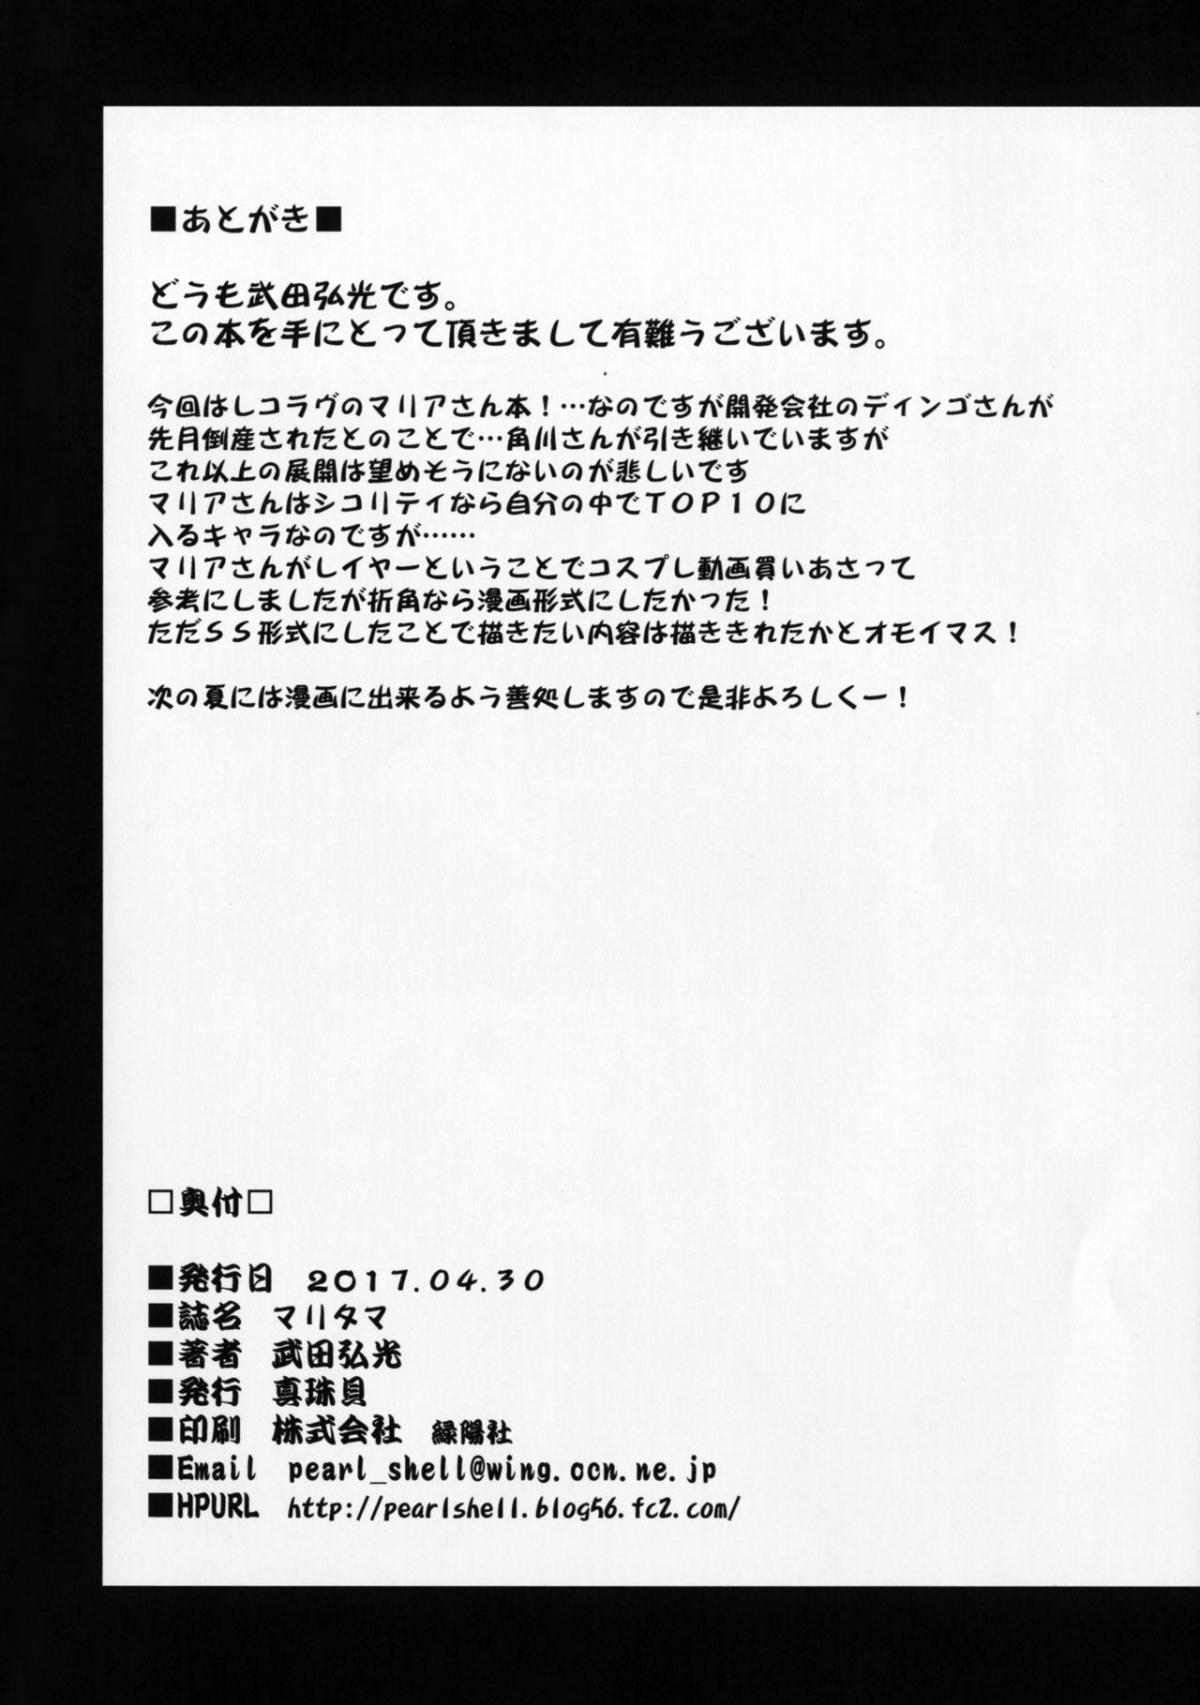 Cô nàng Cosplay nghiện địt - Truyện Hentai